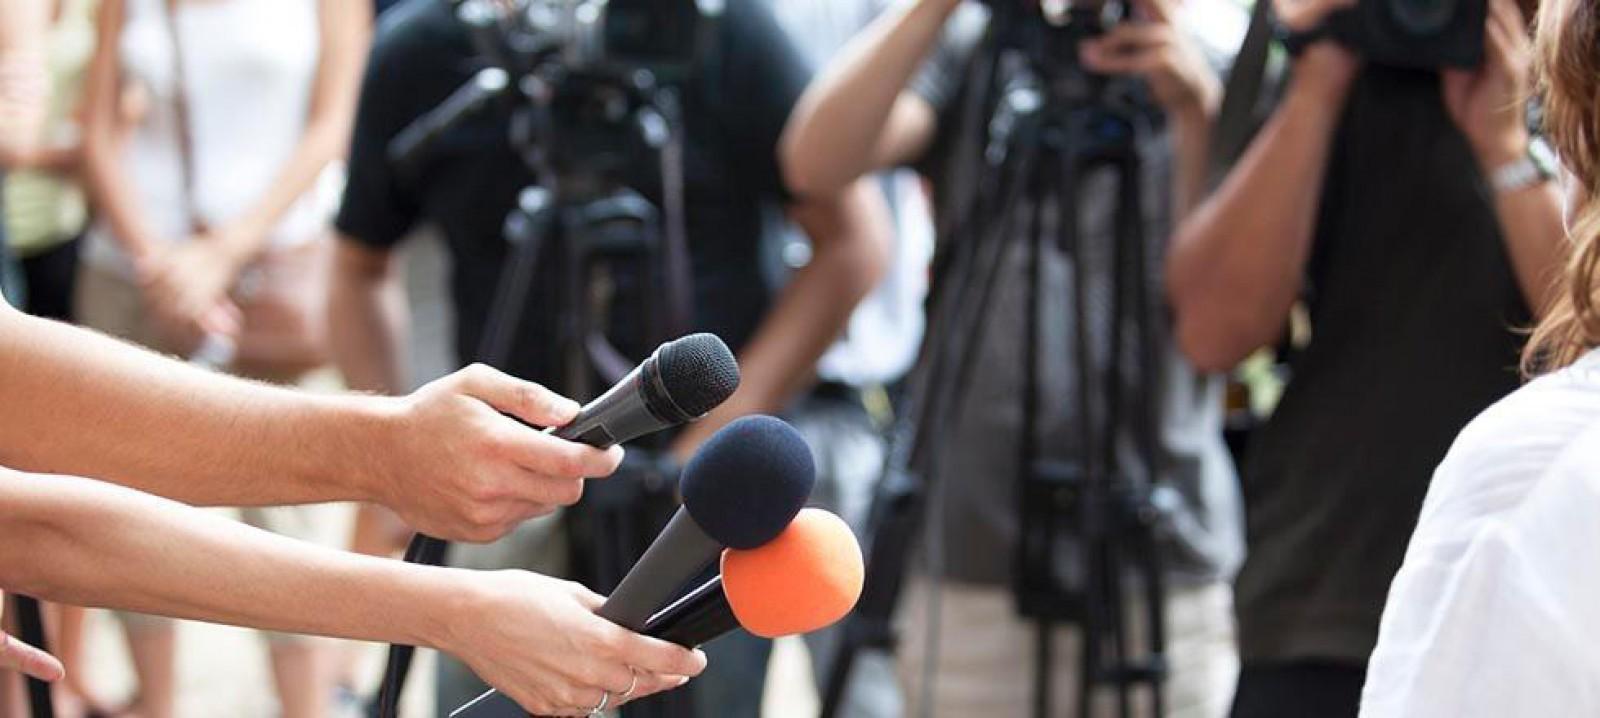 API: Subvențiile pentru presă ca măsură democratică de susţinere a pluralismului mediatic